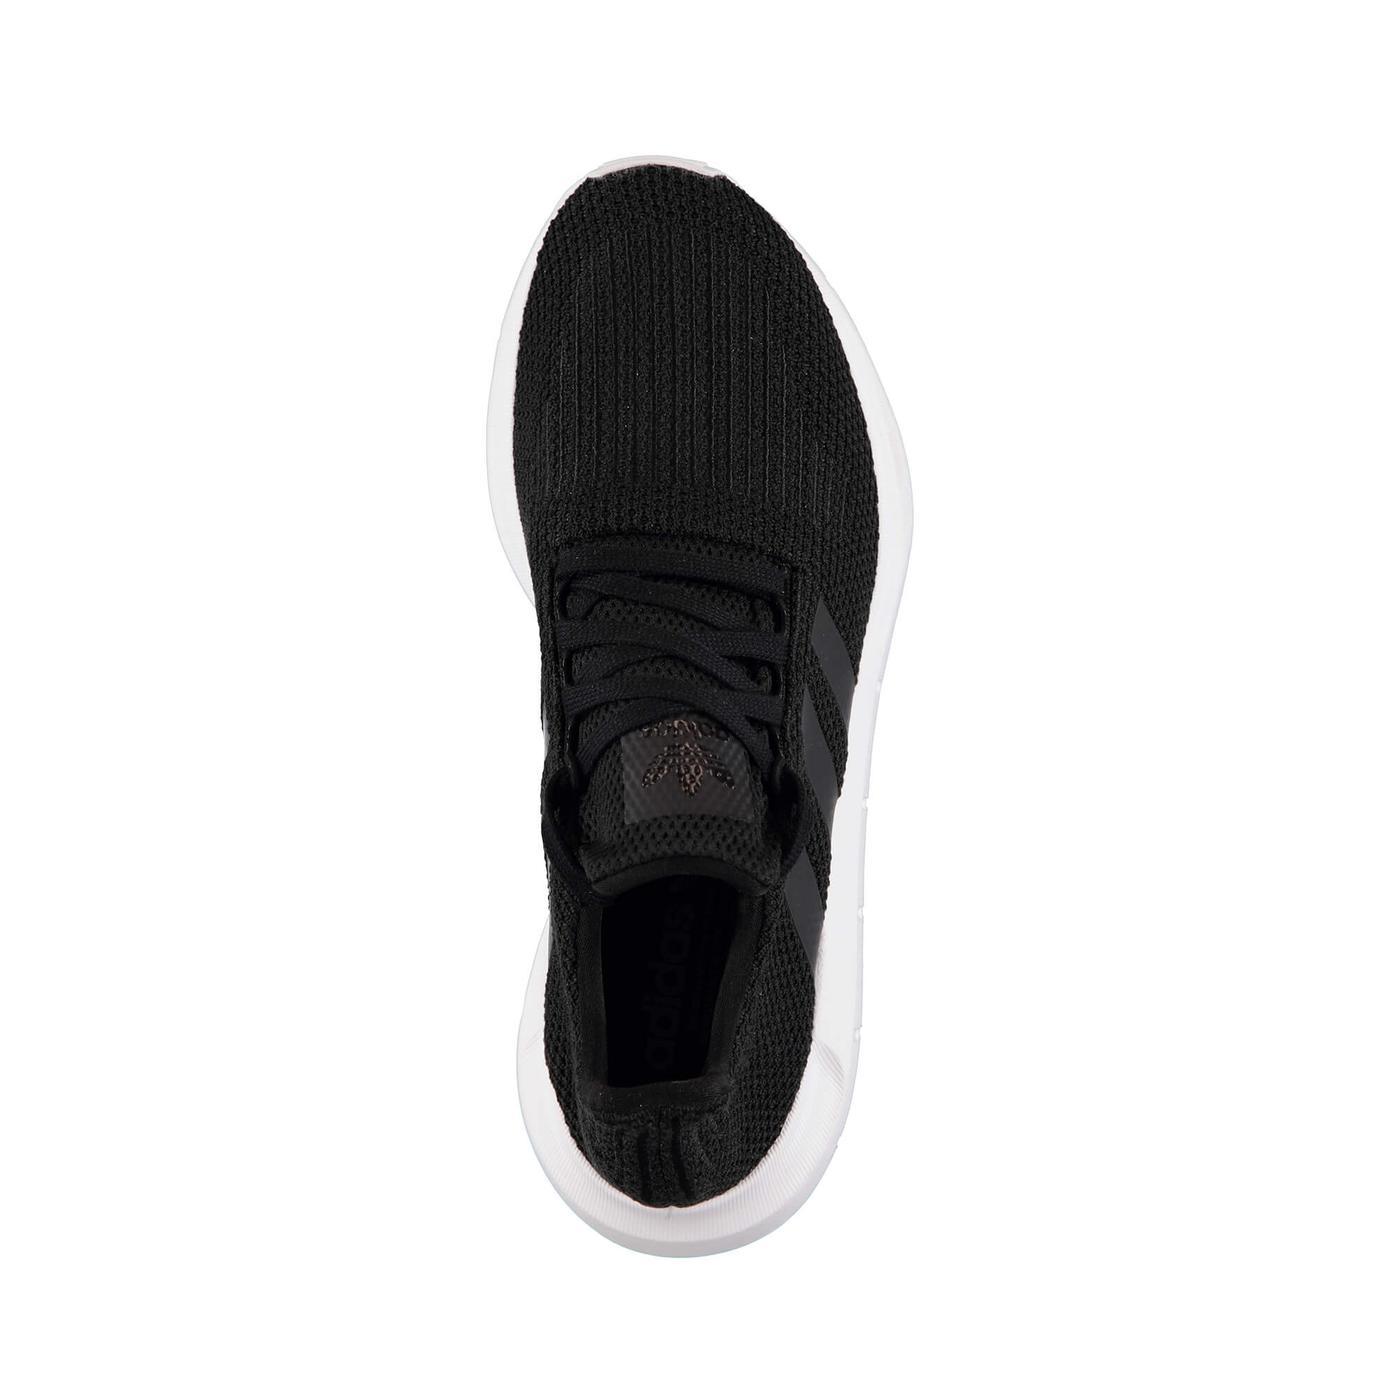 adidas Swift Run Erkek Siyah Spor Ayakkabı